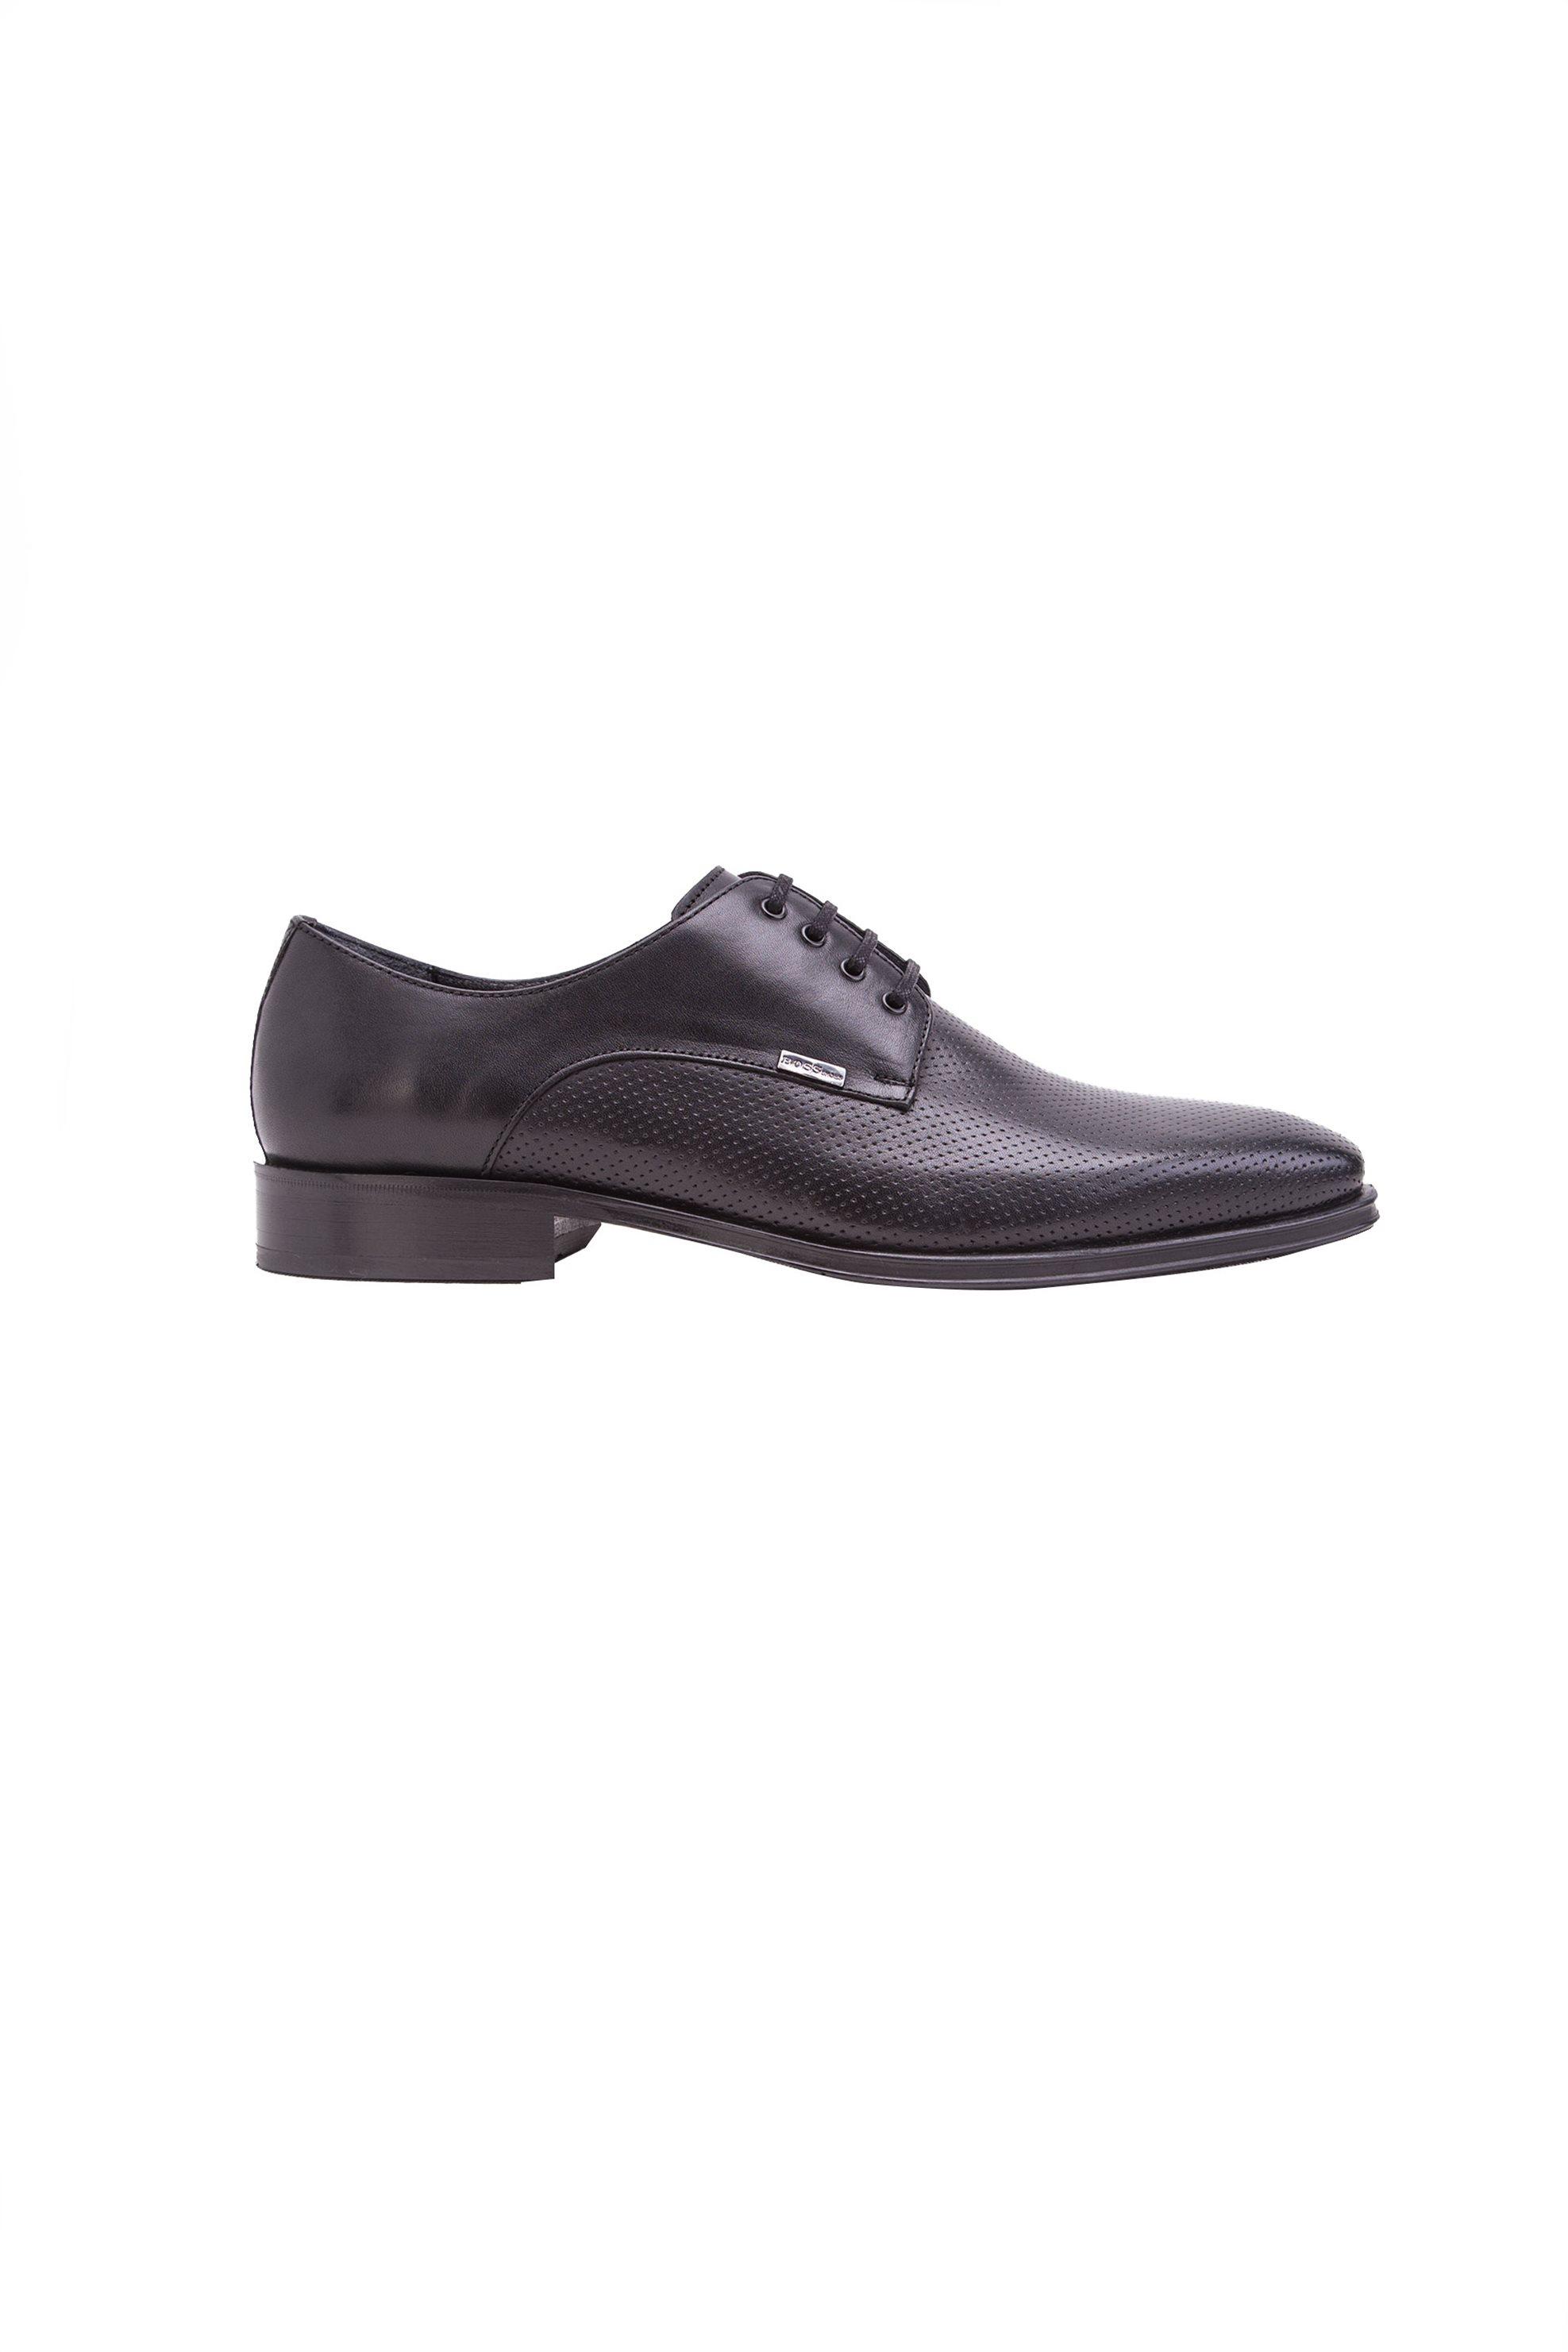 Ανδρικά σκαρπίνια Boss - J5534PERFO - Μαύρο ανδρασ   παπουτσια   σκαρπίνια   oxford